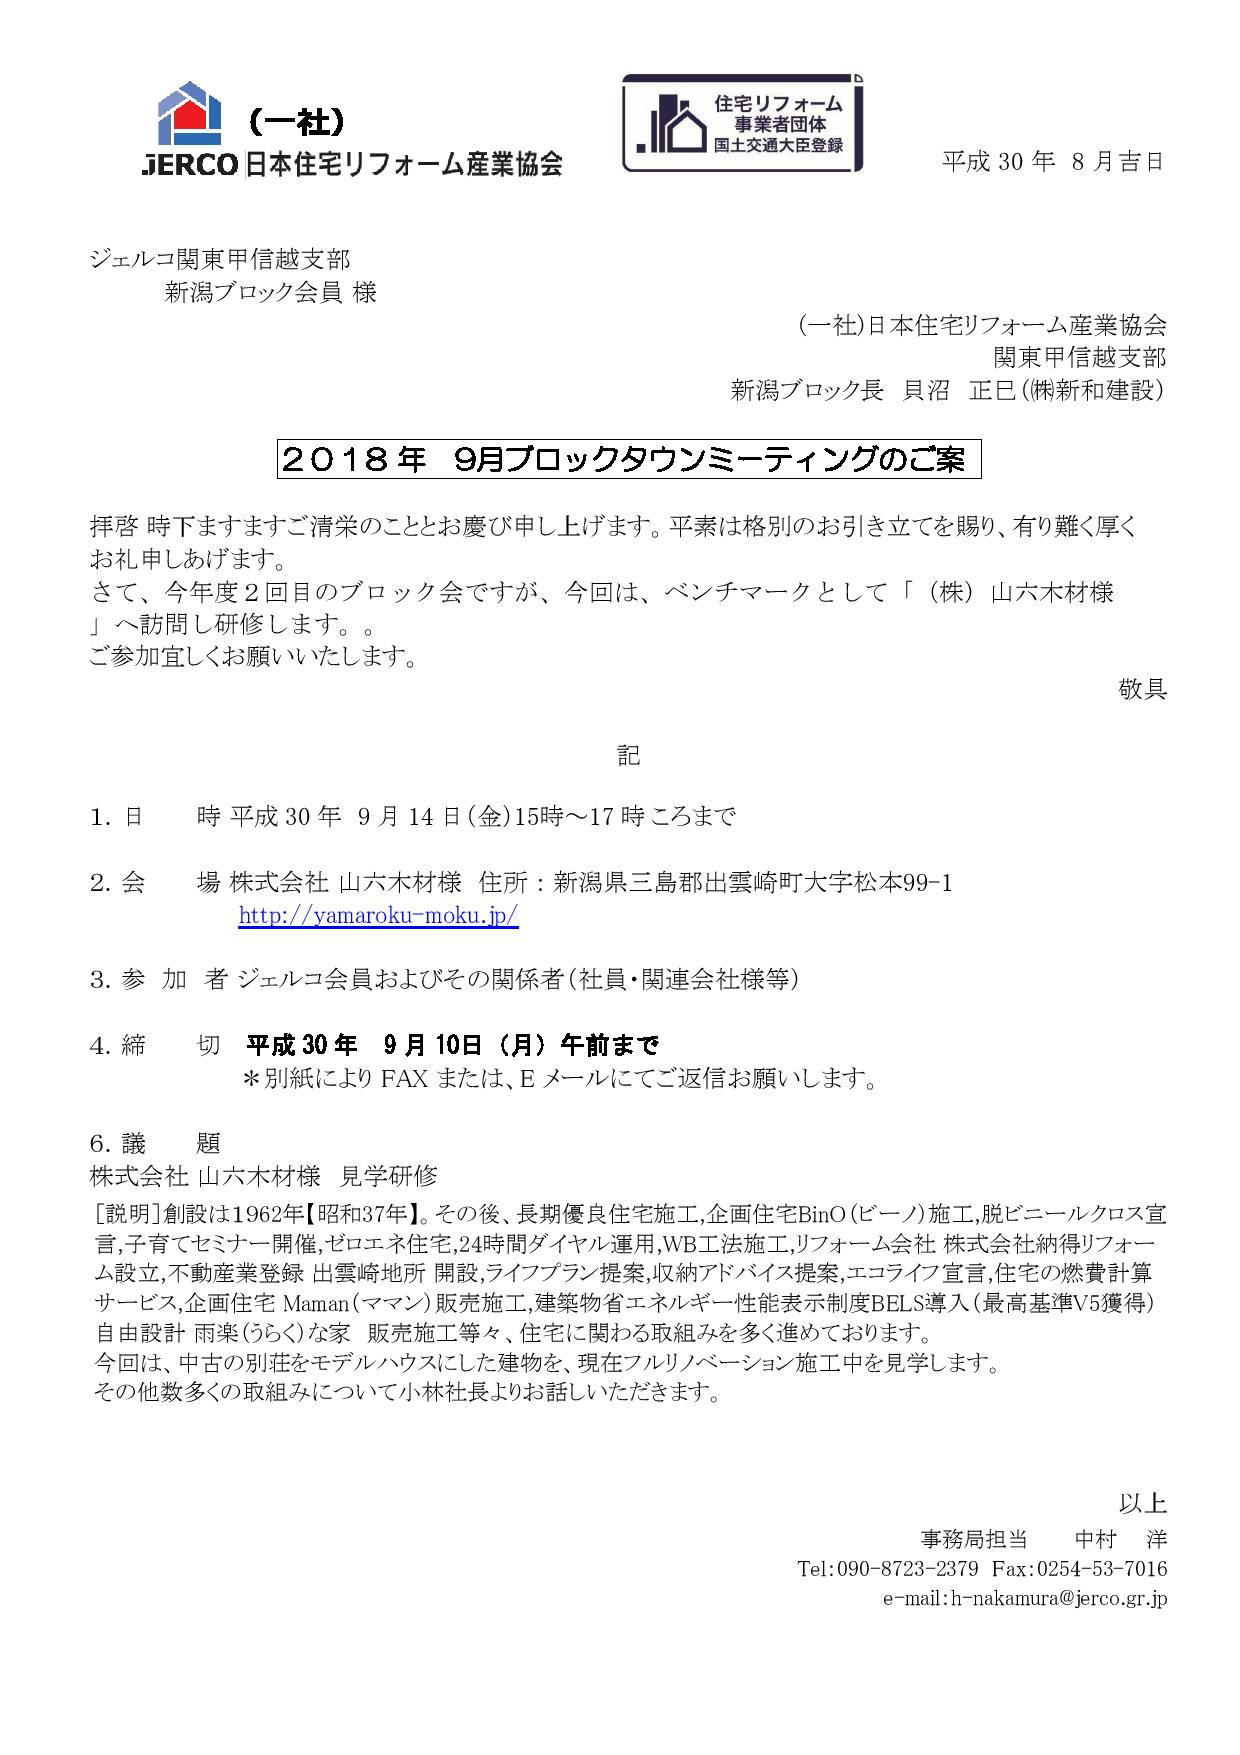 ベンチマーク会社訪問 (株)山六木材様【新潟ブロック/2018年9月14日(金)】